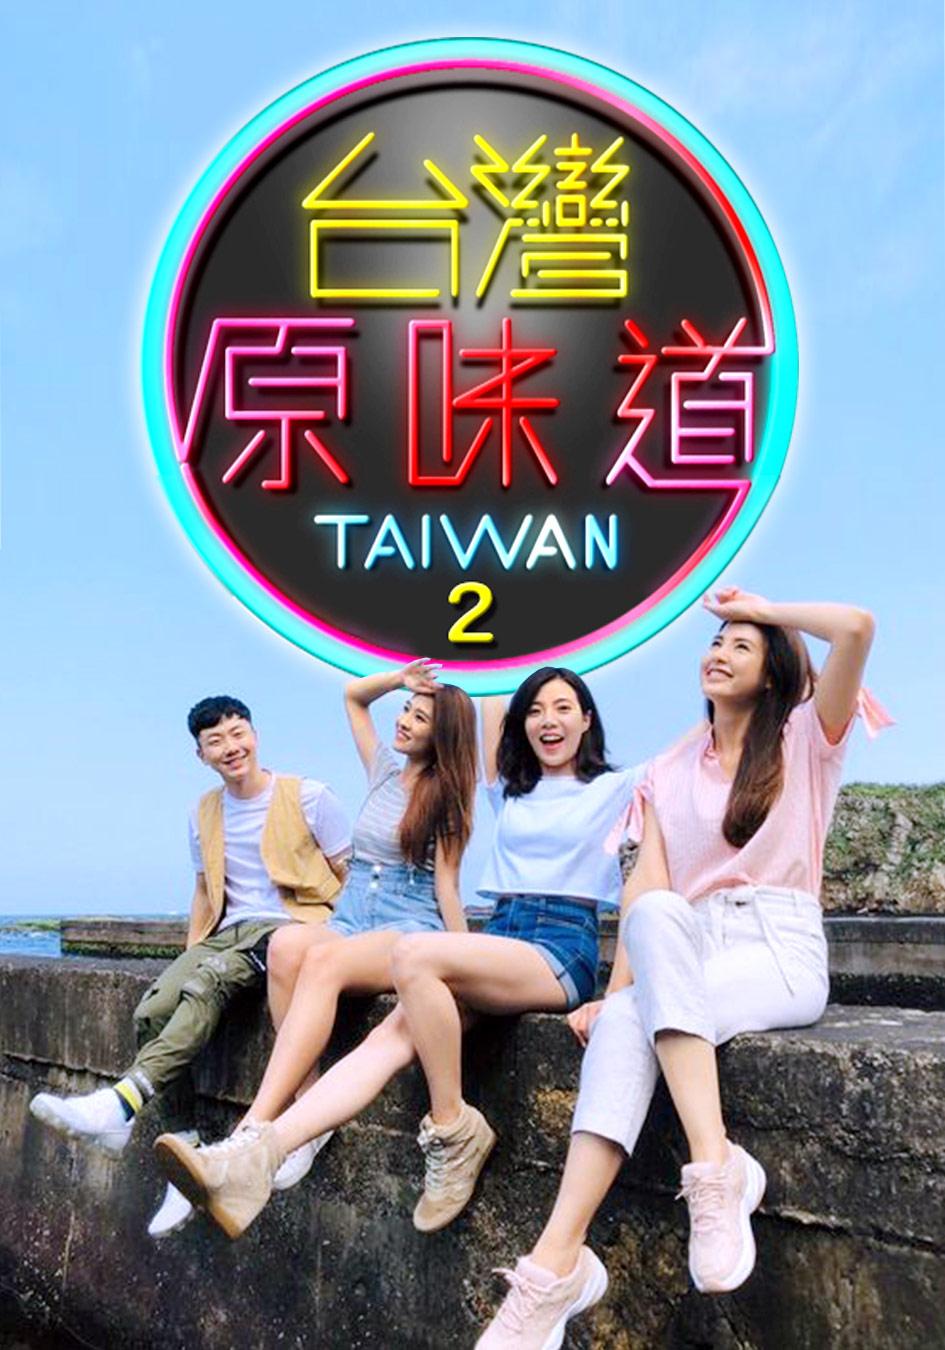 台灣原味道2-Savoury Taiwan Sr. 2